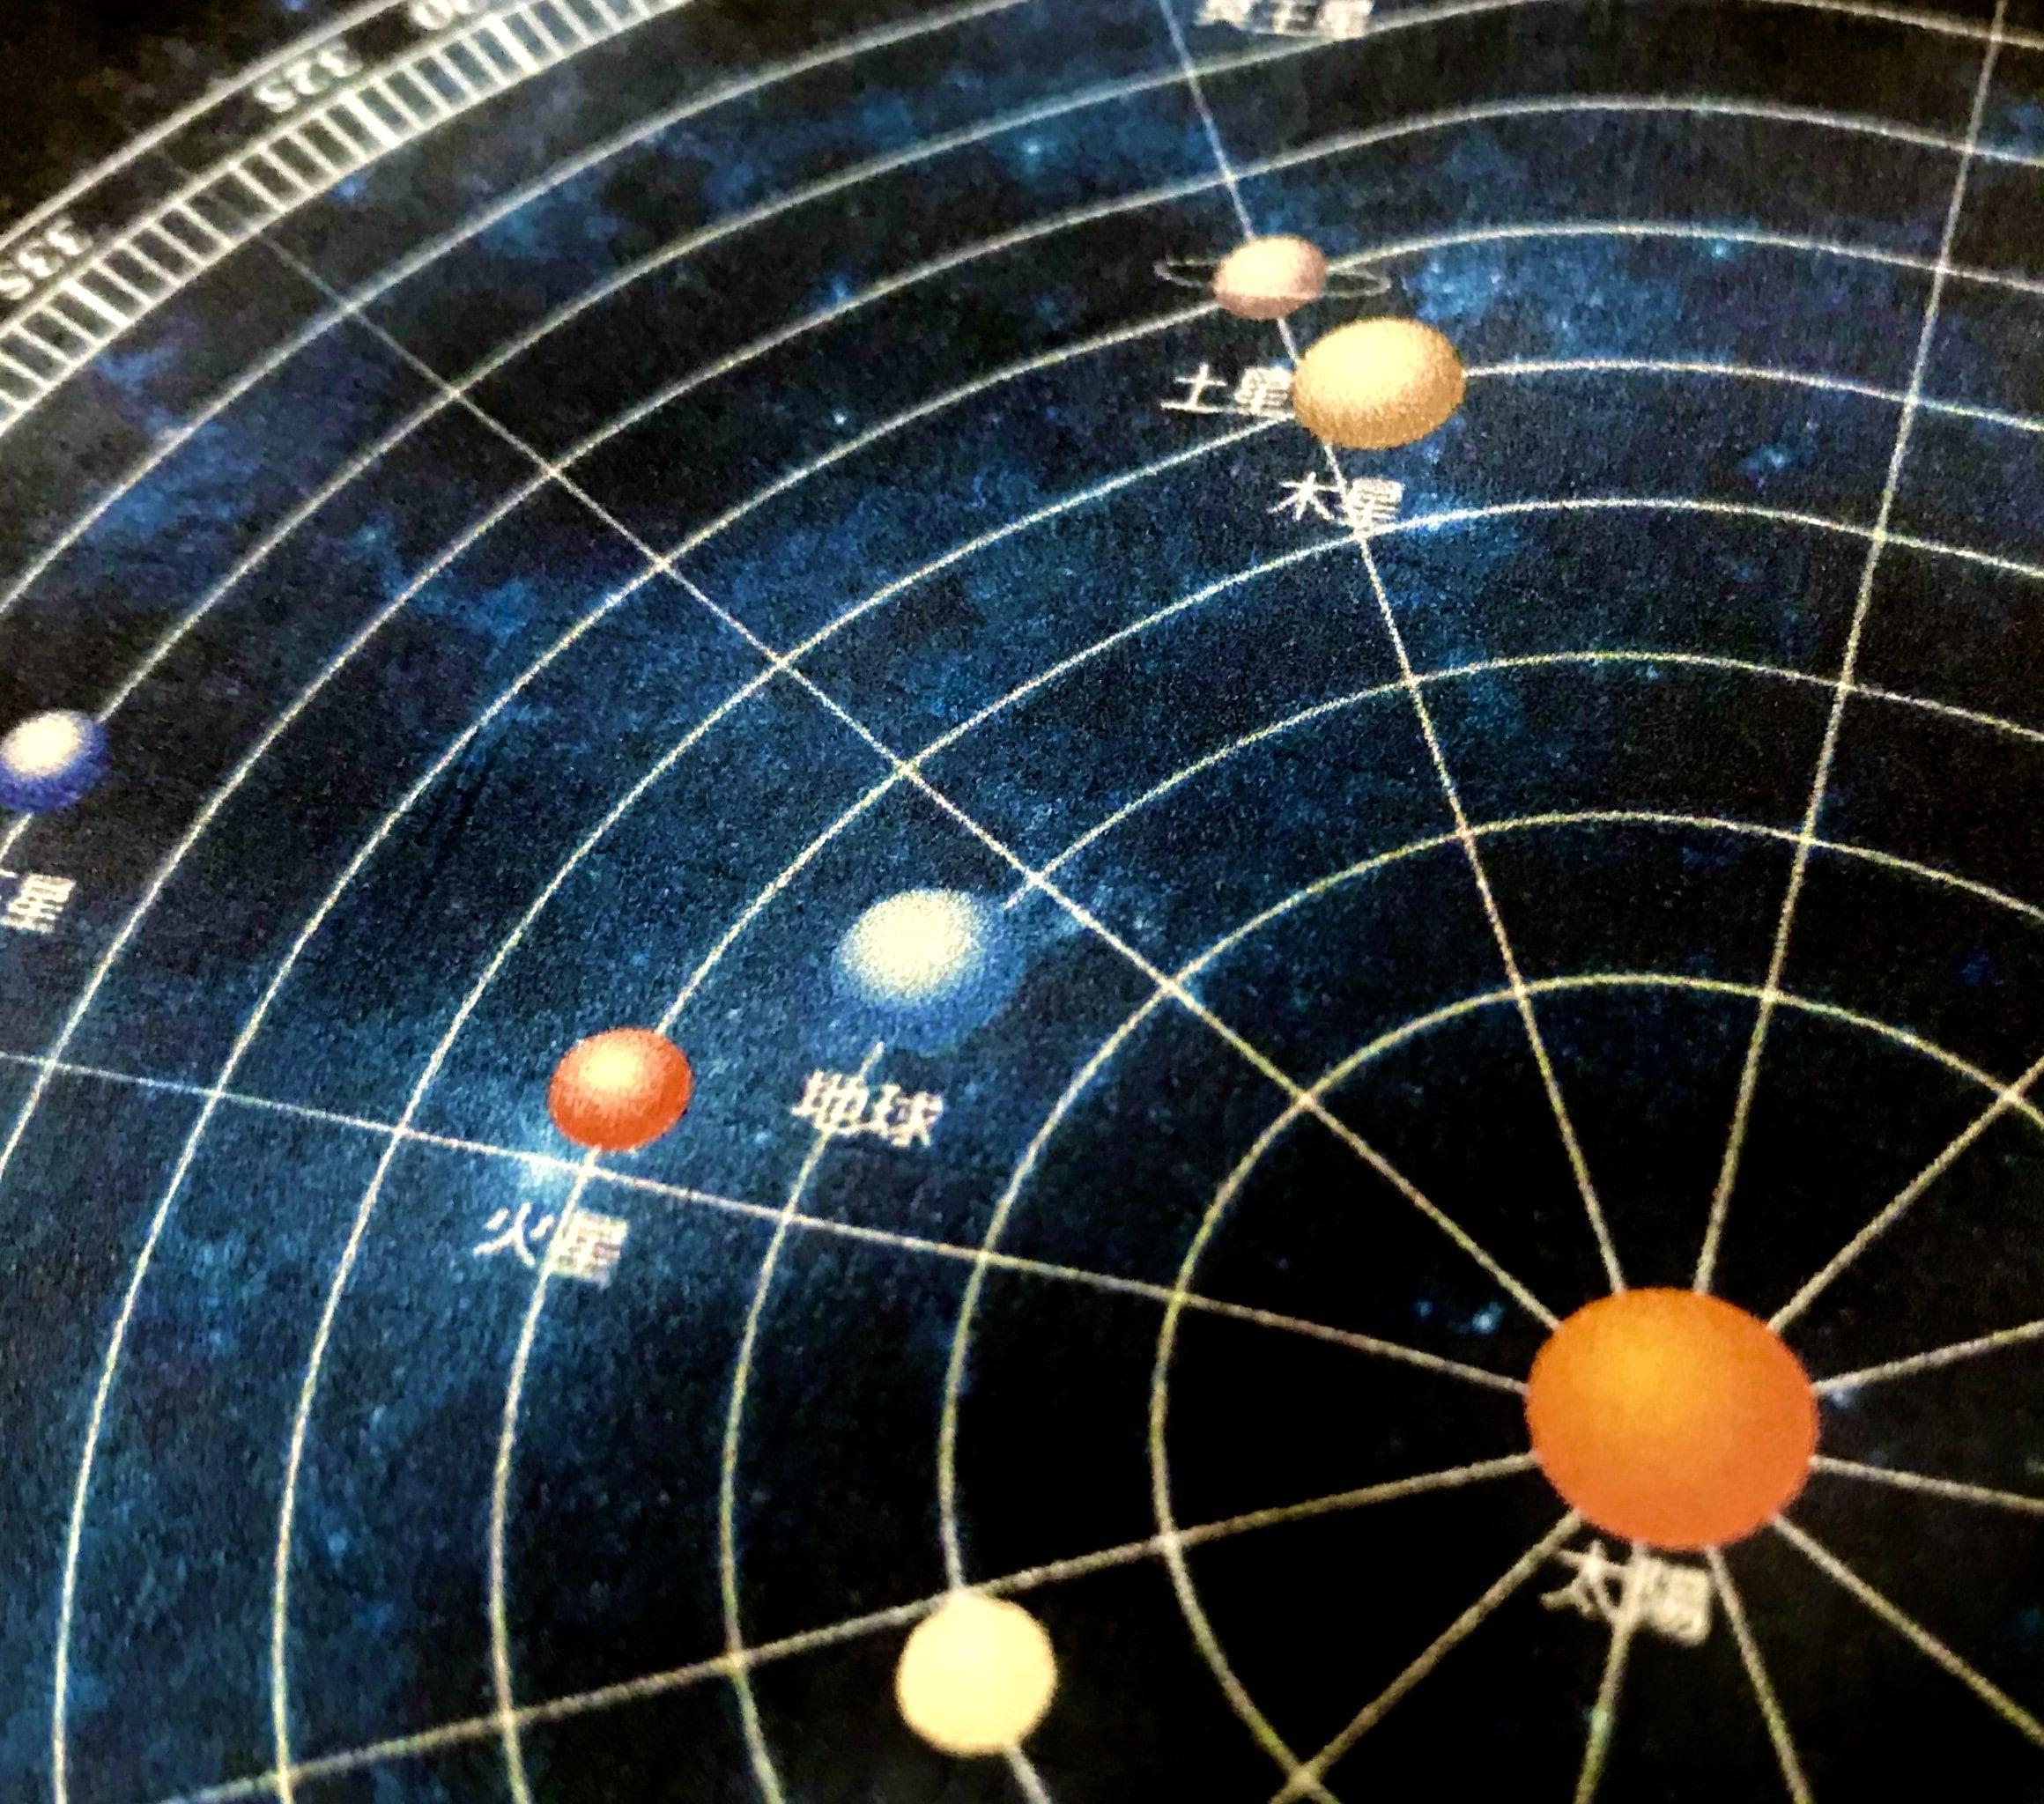 アロマと占星術